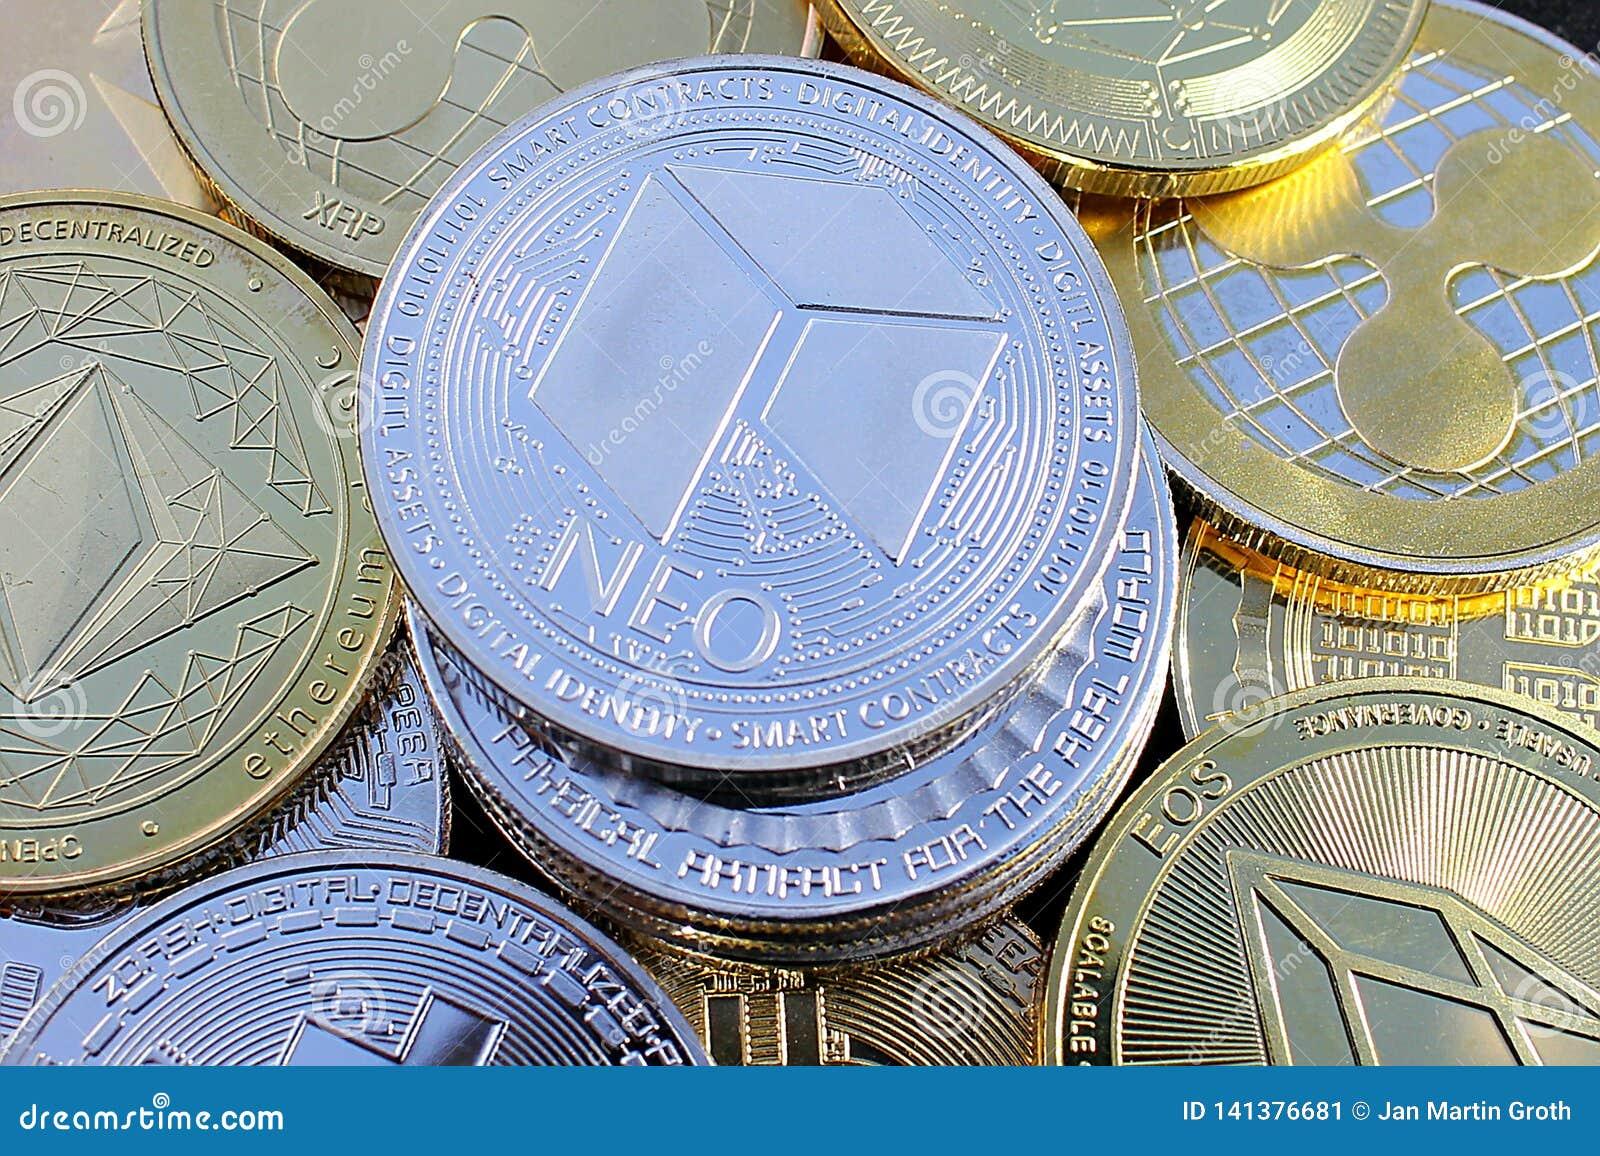 cripto del futuro commercio di bitcoin è sicuro o meno